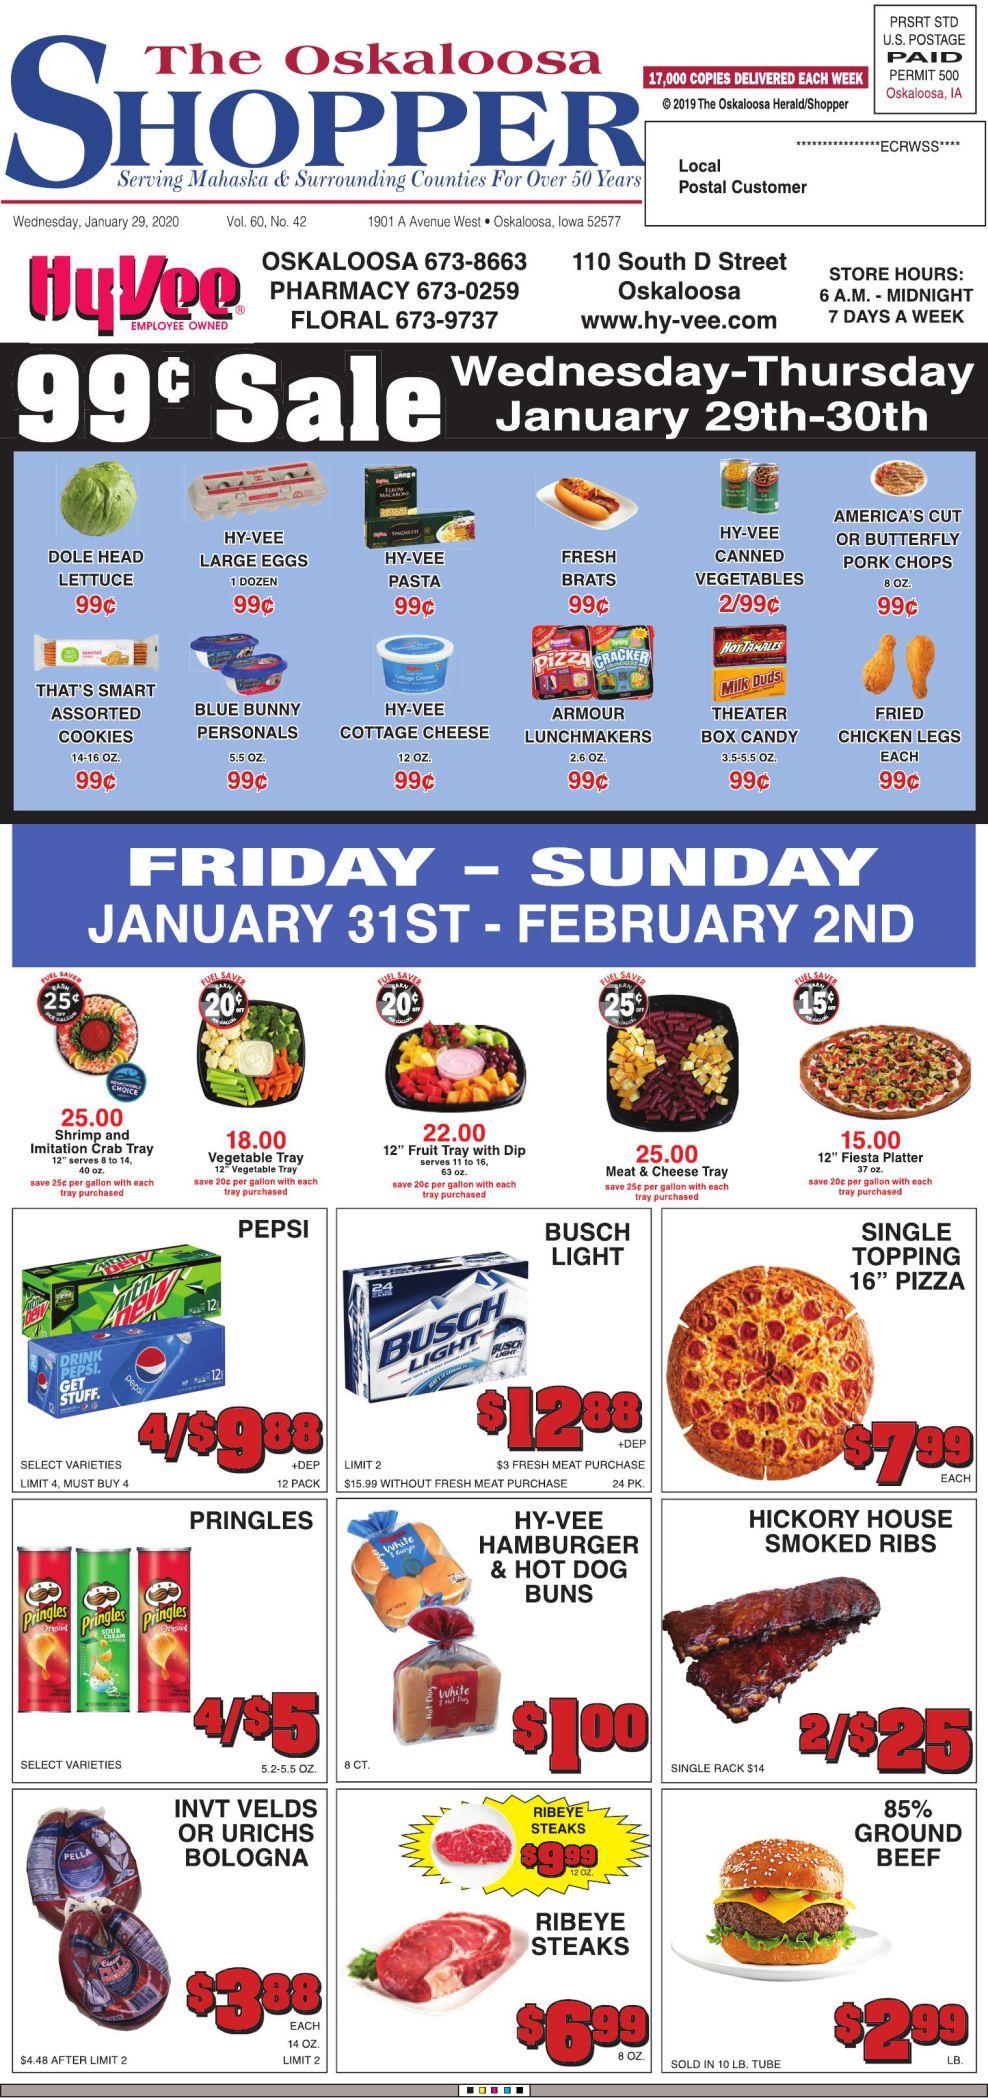 Oskaloosa Shopper week of 1/29/20